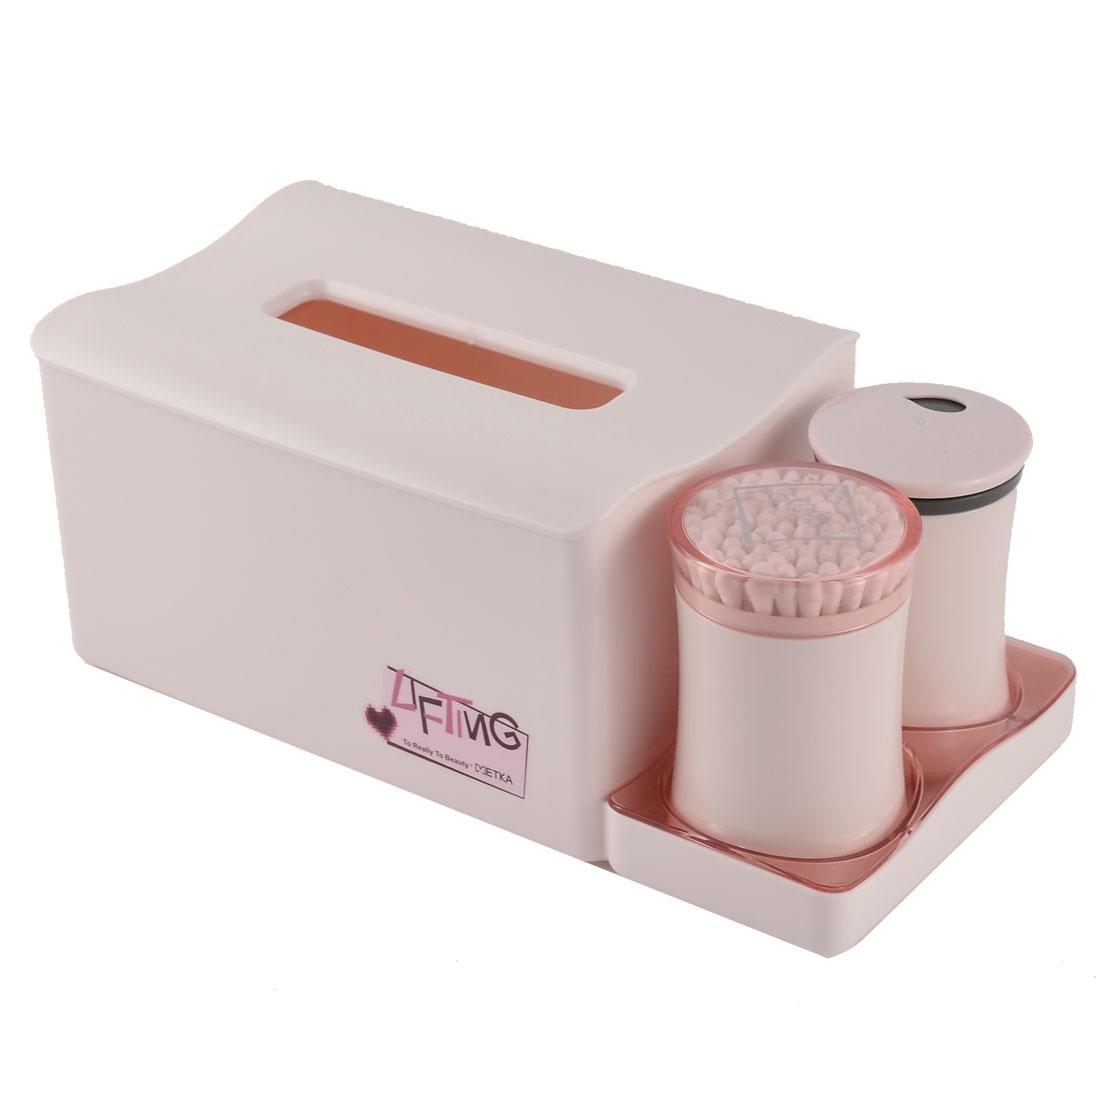 Home Office Dresser Plastic Organizer Holder Toothpicks Cotton Swabs Tissue Box Set Pink